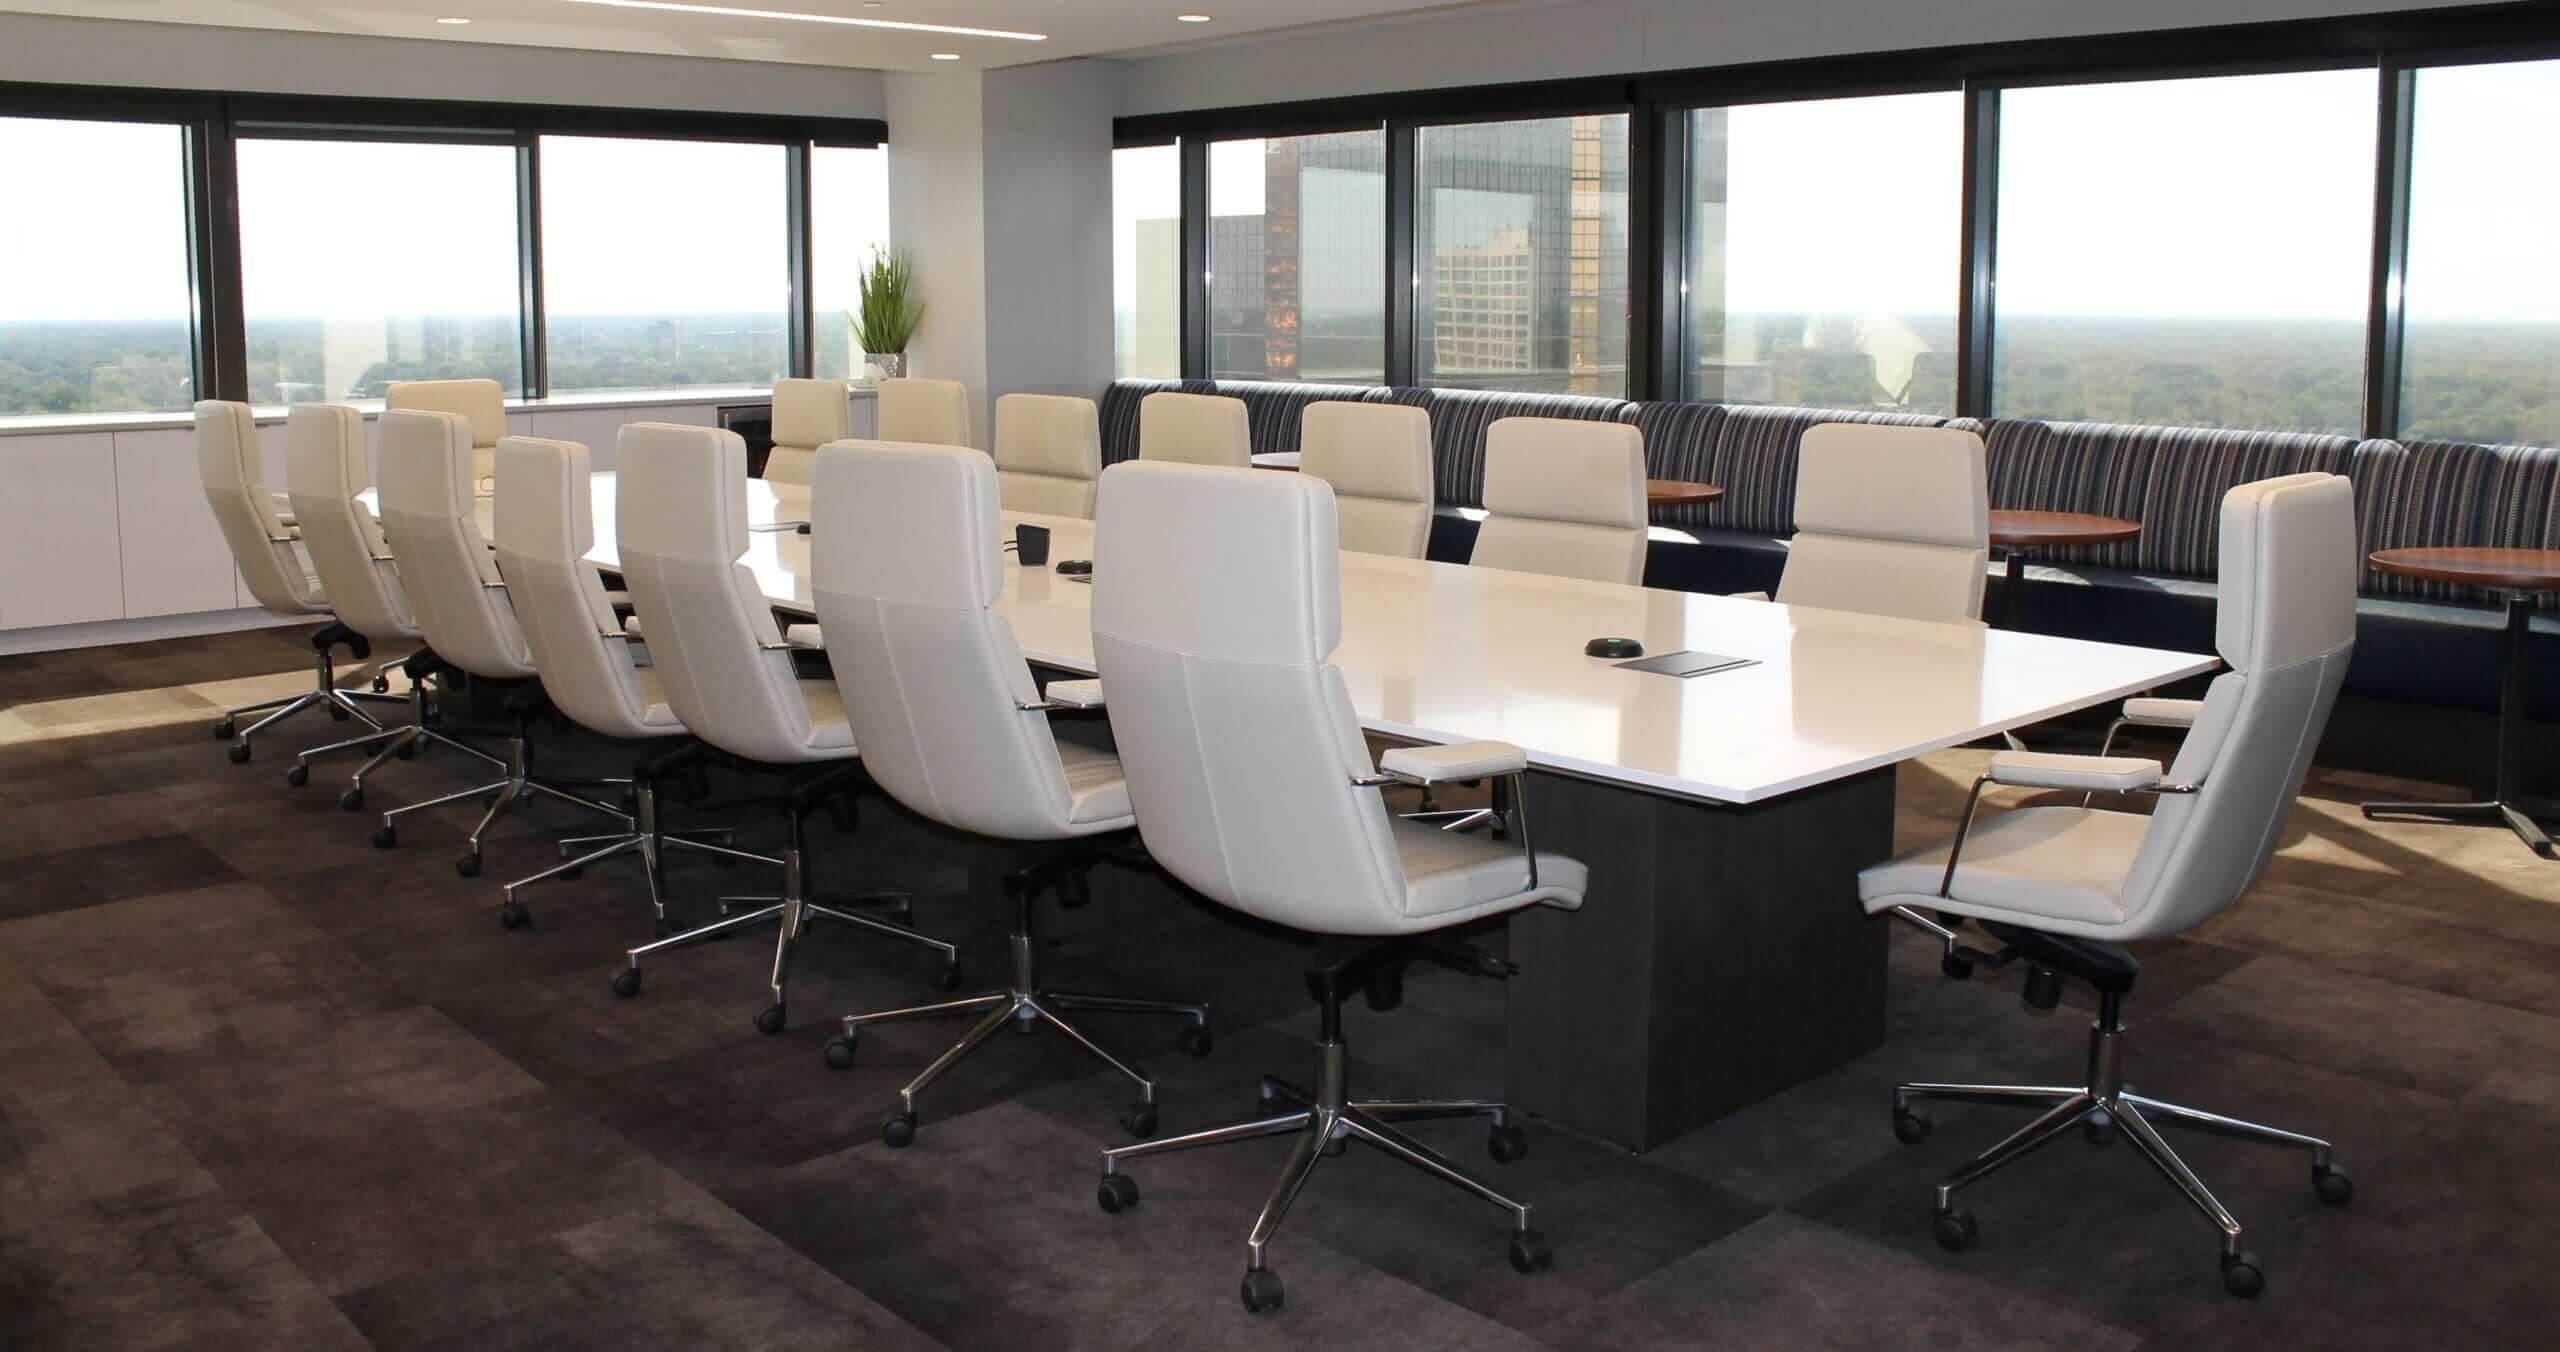 ออกแบบ ห้อง ประชุม ตกแต่งห้องประชุม ออกแบบสำนักงาน ออกแบบภายในออฟฟิศ ออกแบบออฟฟิศ